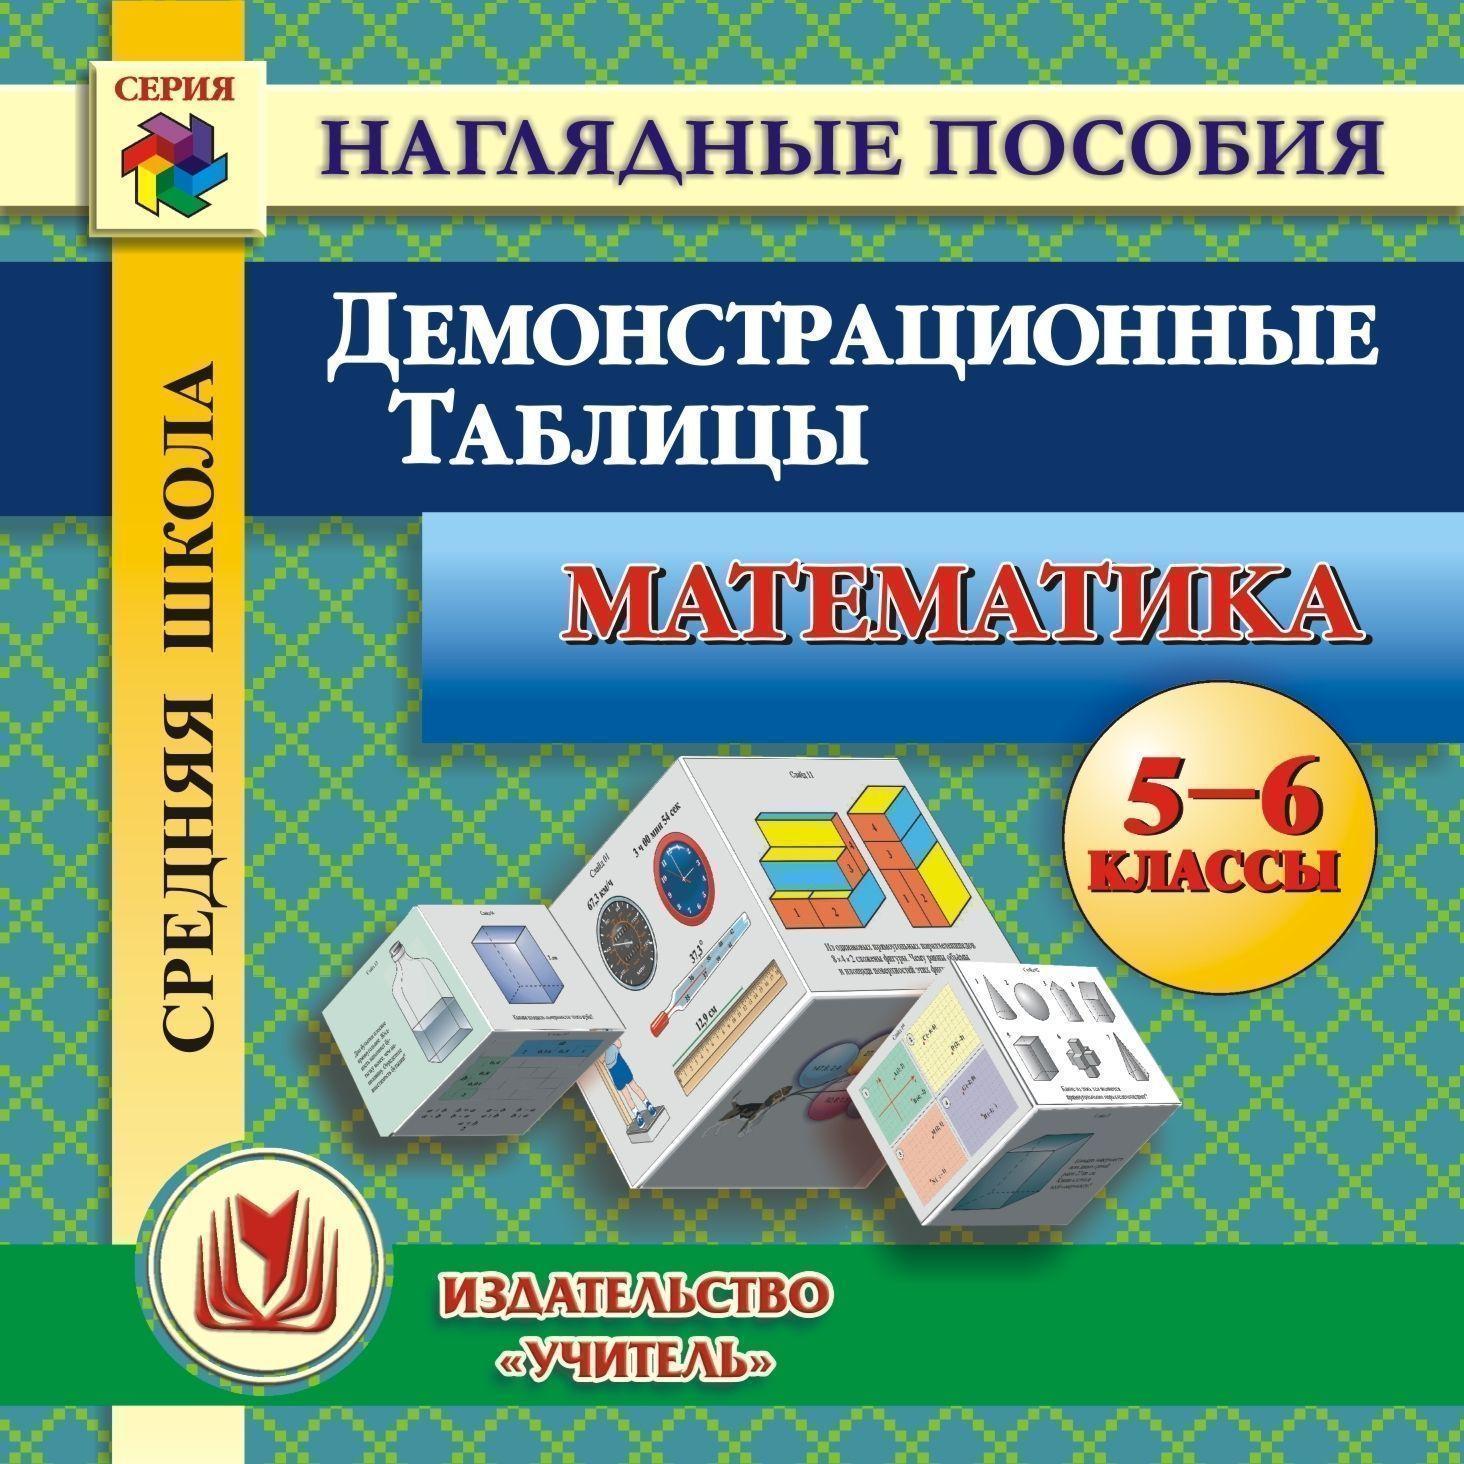 Математика. Демонстрационные таблицы. 5-6 классы. Компакт-диск для компьютераПредметы<br>Электронное пособие Математика. Демонстрационные таблицы. 5-6 классы серии Наглядные пособия содержит систематизированный комплекс математических правил, алгоритмы решения задач, которые представлены в виде таблиц.Компакт-диск предназначен учителям ма...<br><br>Авторы: Киселёва Ю. А.<br>Год: 2011<br>Серия: Наглядные пособия<br>Высота: 125<br>Ширина: 141<br>Толщина: 10